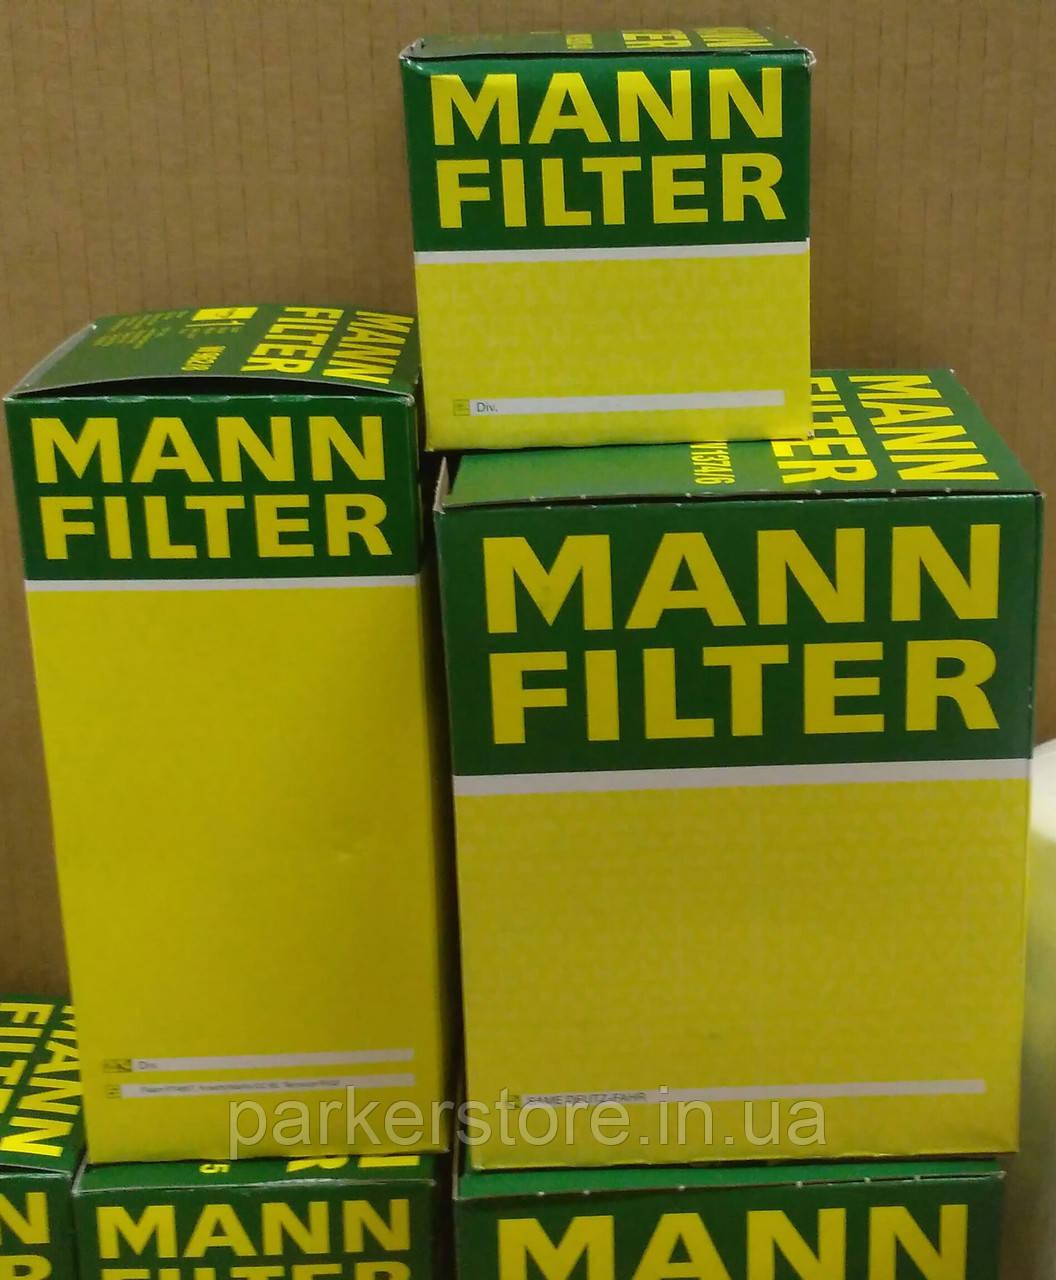 MANN FILTER / Повітряний фільтр / C 31 149 / C31149